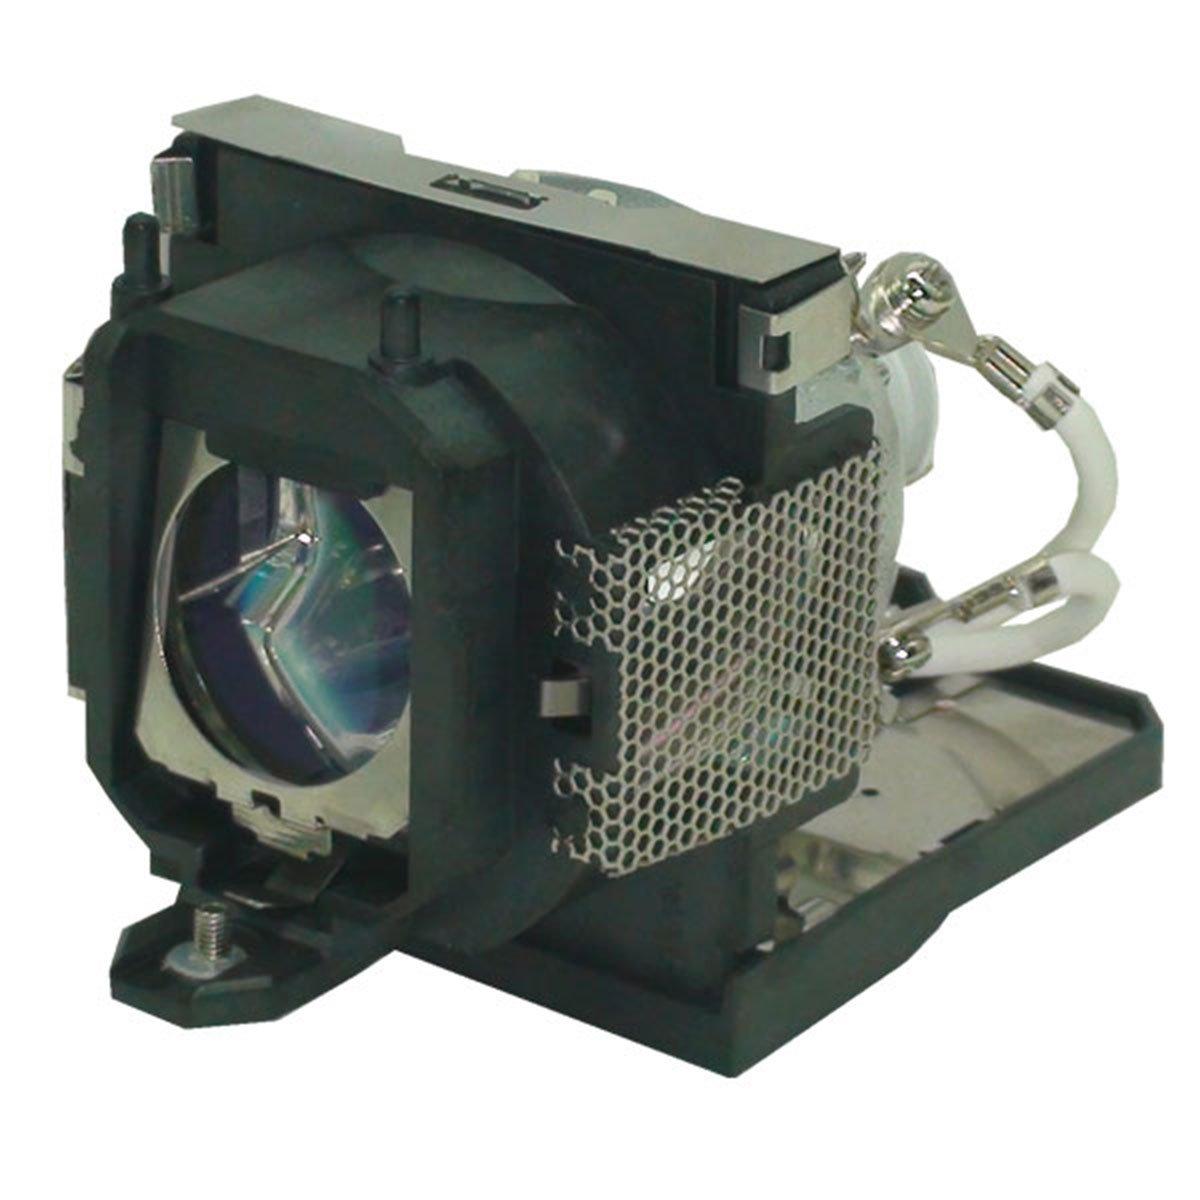 Lutema CS.59J0Y.1B1-L01 BenQ CS.59J0Y.1B1 LCD/DLP Projector Lamp, Economy